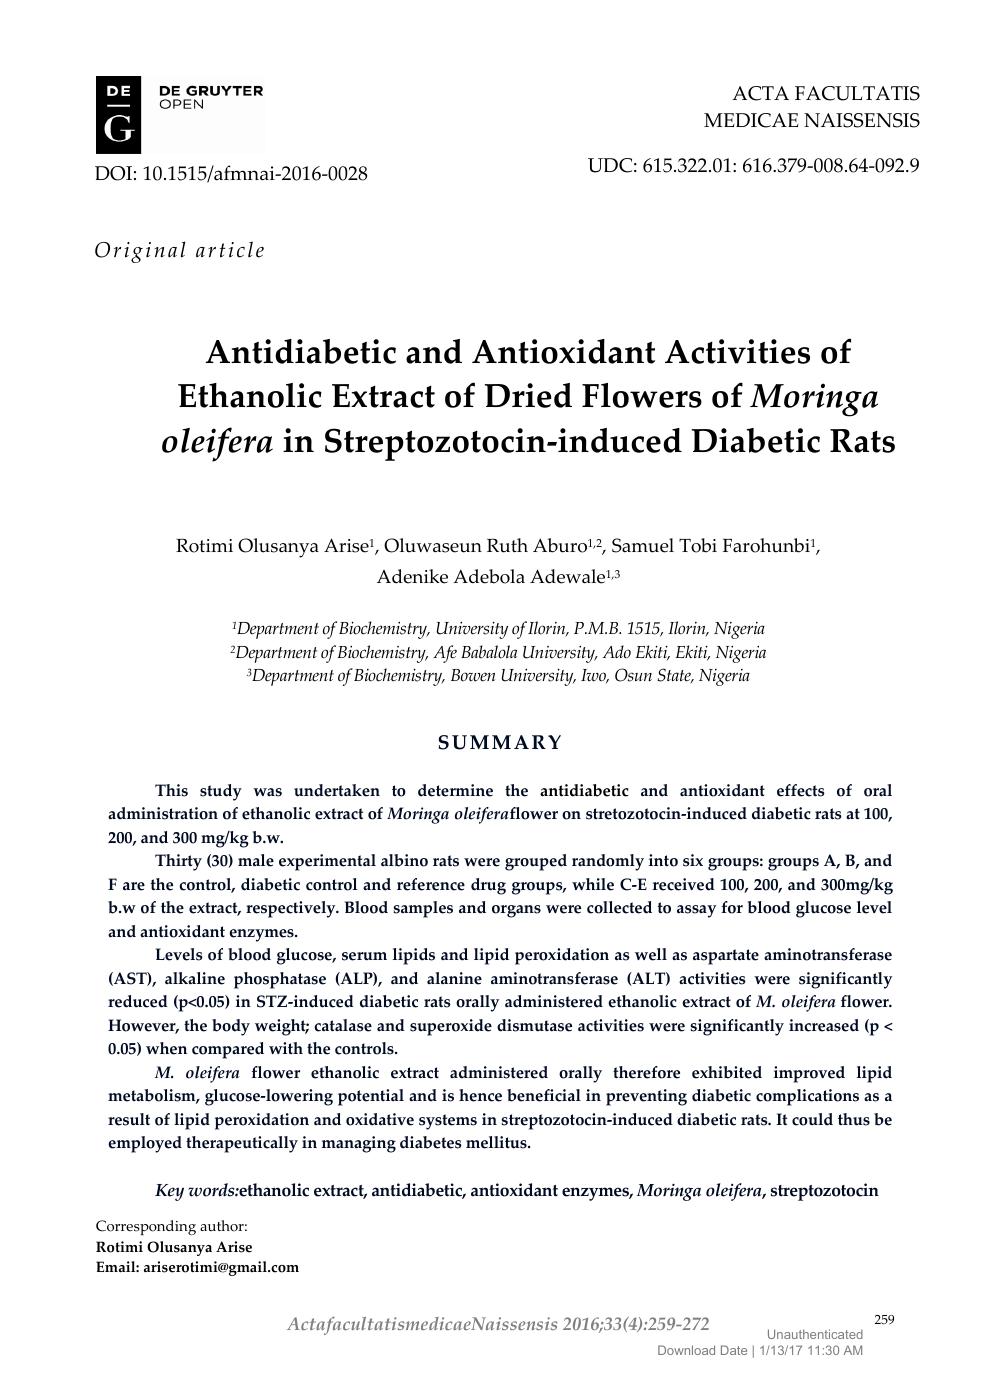 Antidiabetic and Antioxidant Activities of Ethanolic Extract of